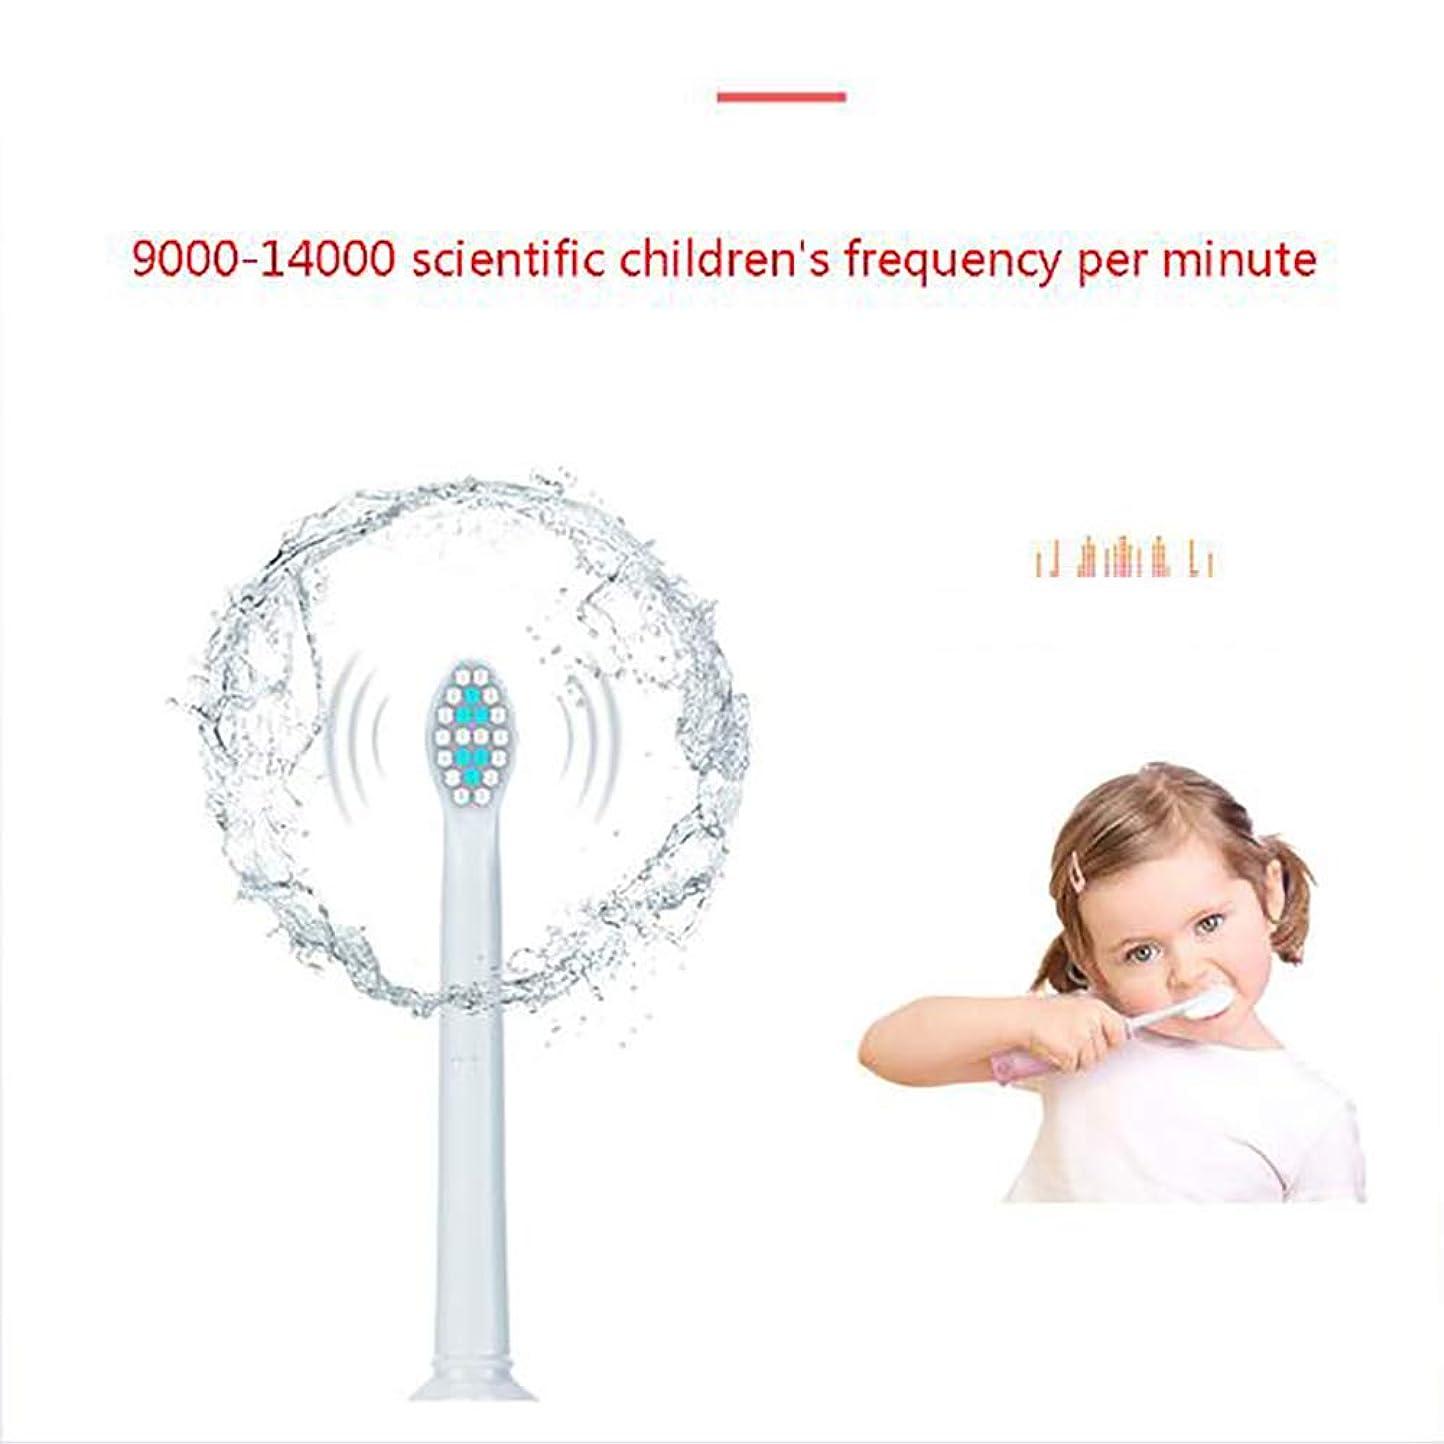 億ガイドライン舗装する子供の歯ブラシ、電動歯ブラシ、3?8歳の子供のための特別な乾電池スマートポータブル歯ブラシかわいいパターンを特色にする